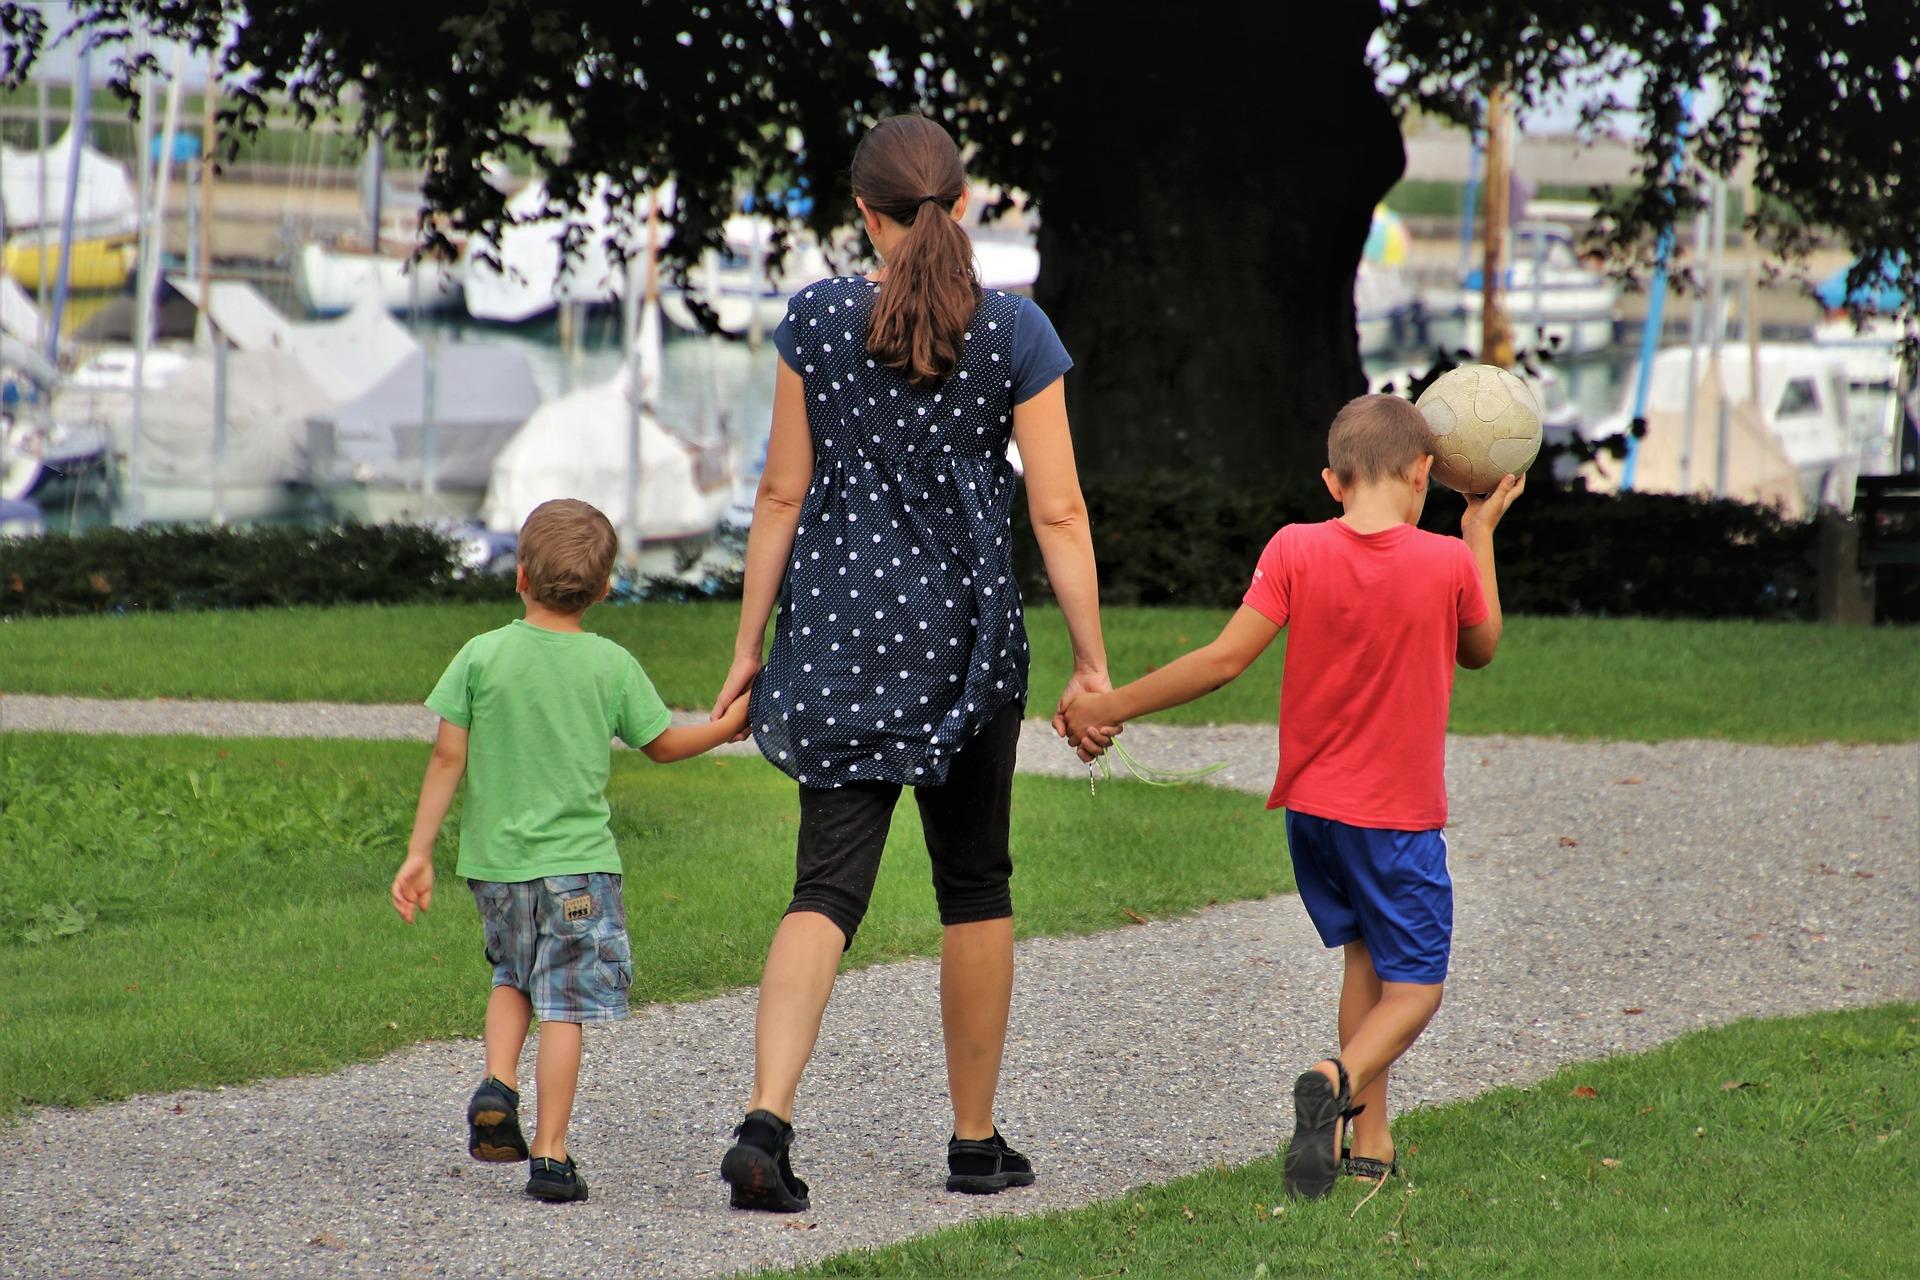 Bezplatné kurzy pro rodiče samoživitele a jejich děti